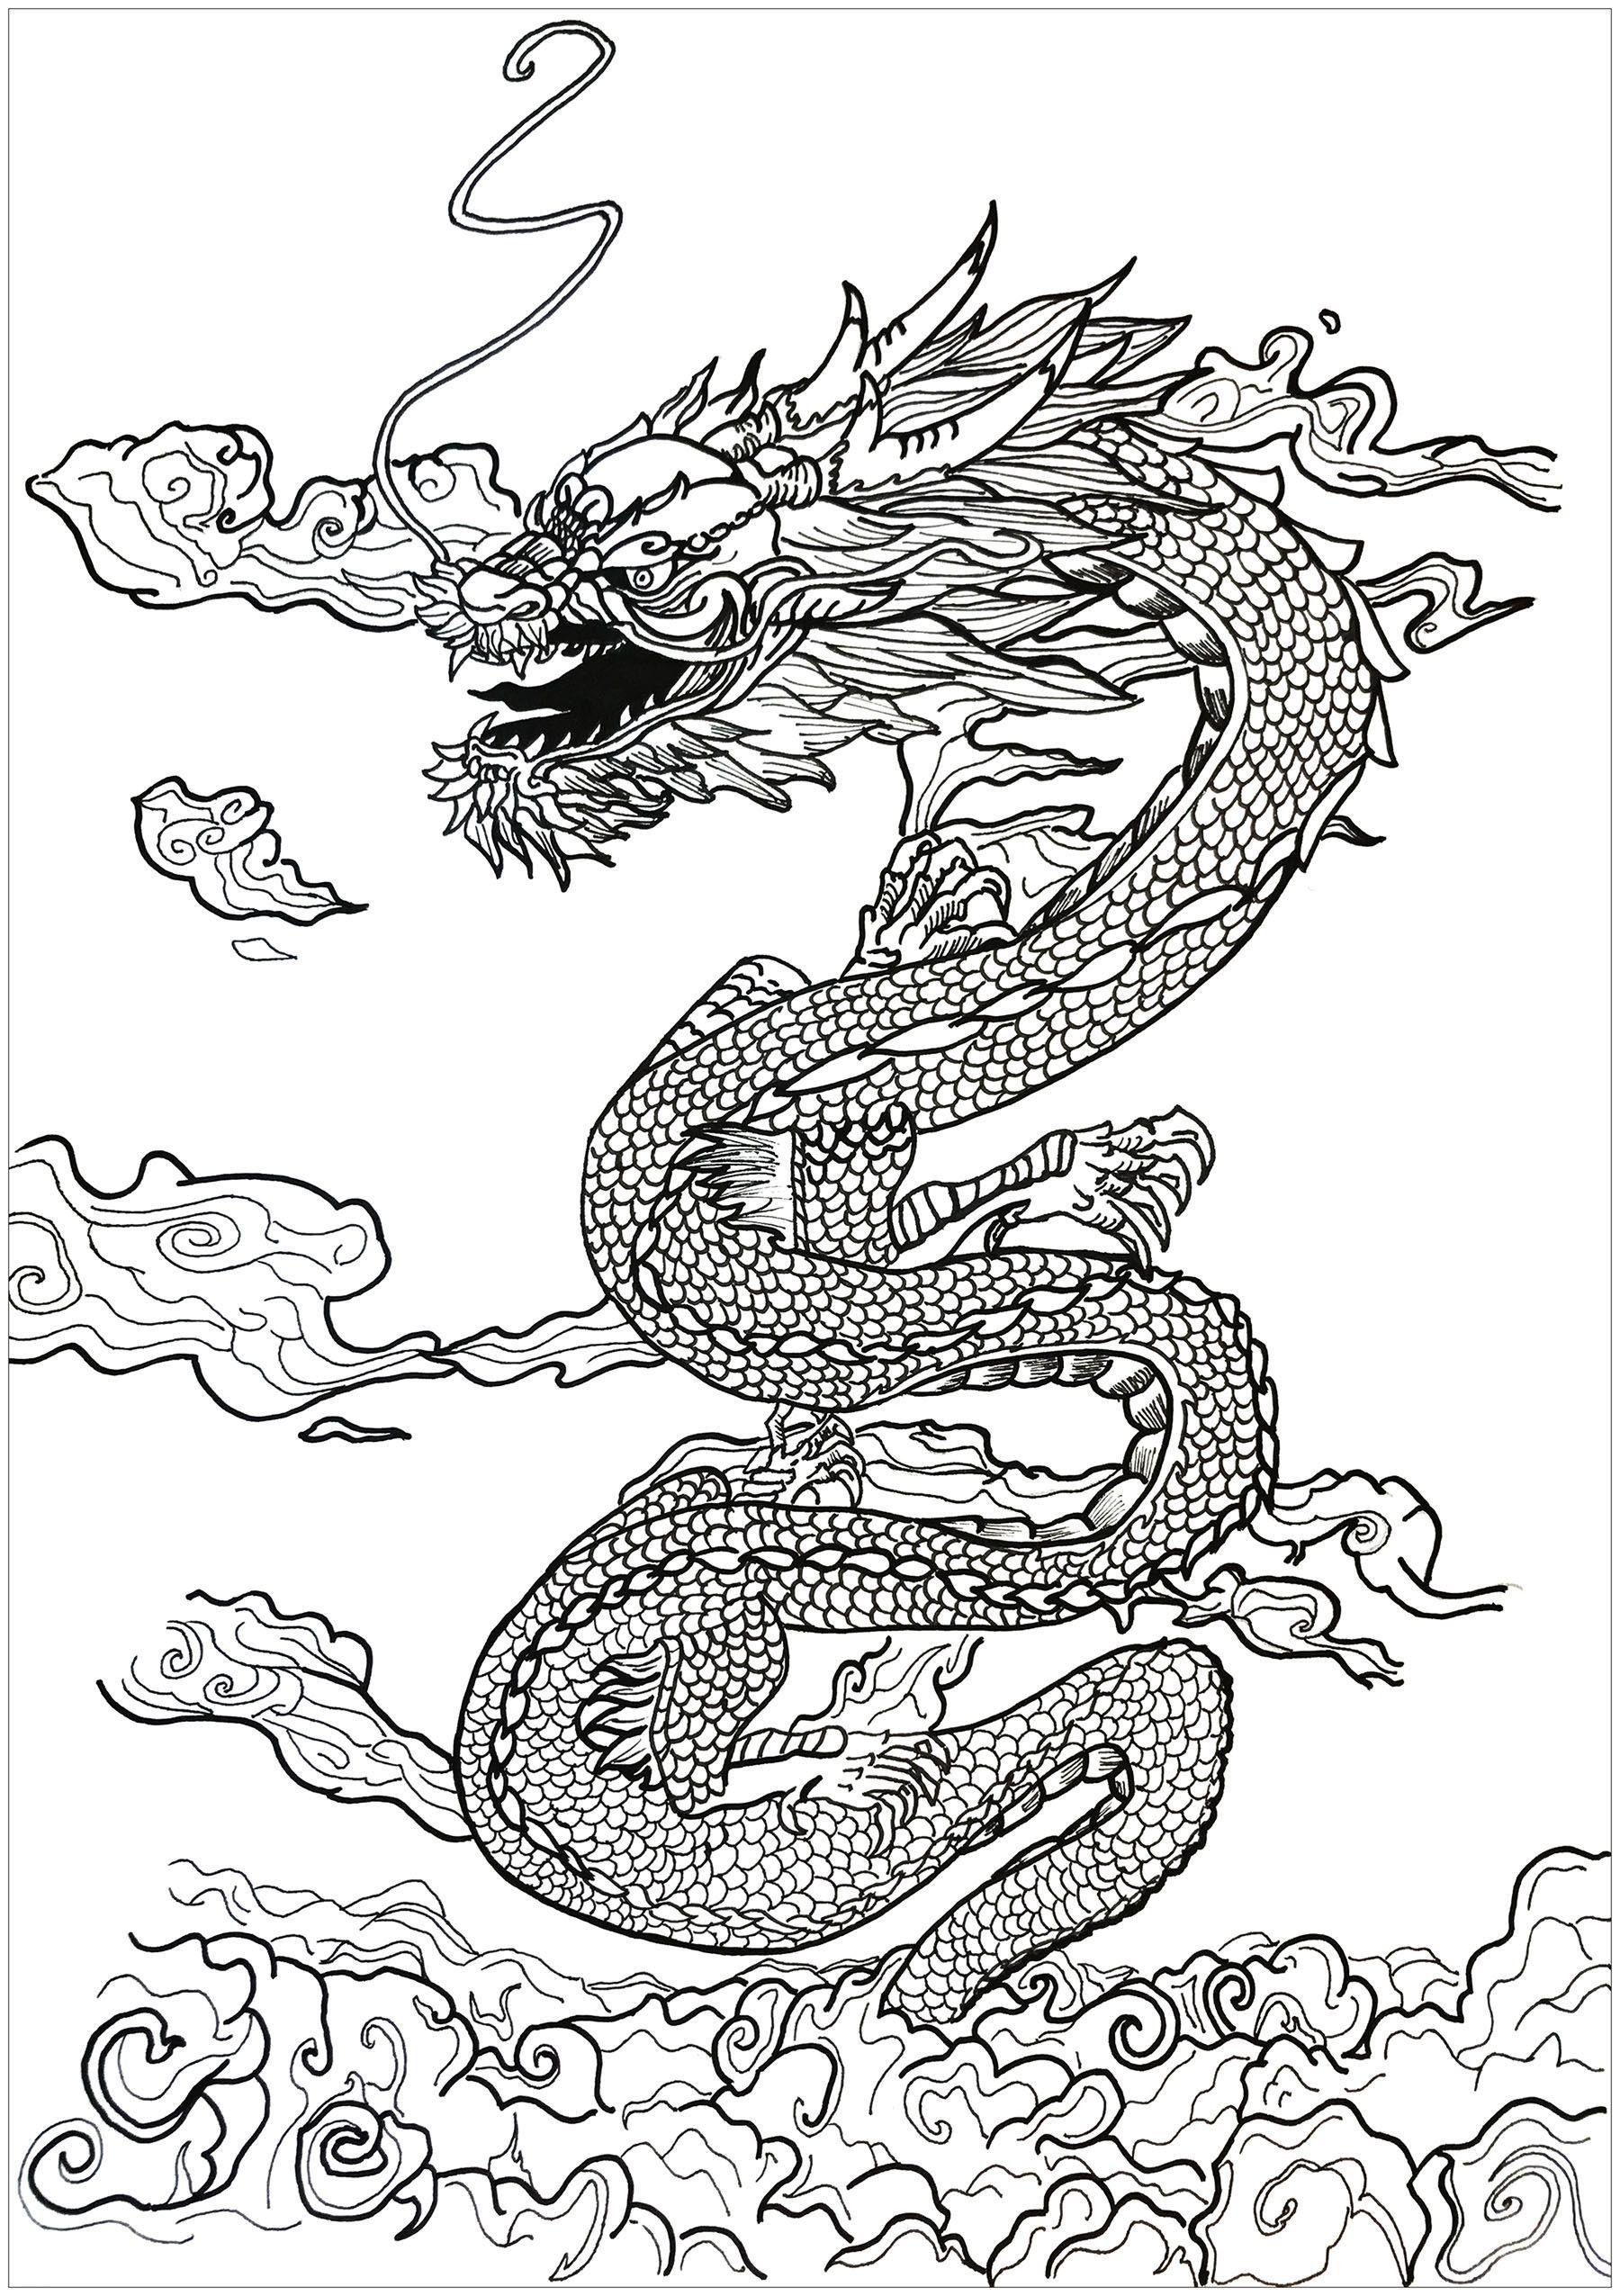 An incredible dragon slipping through